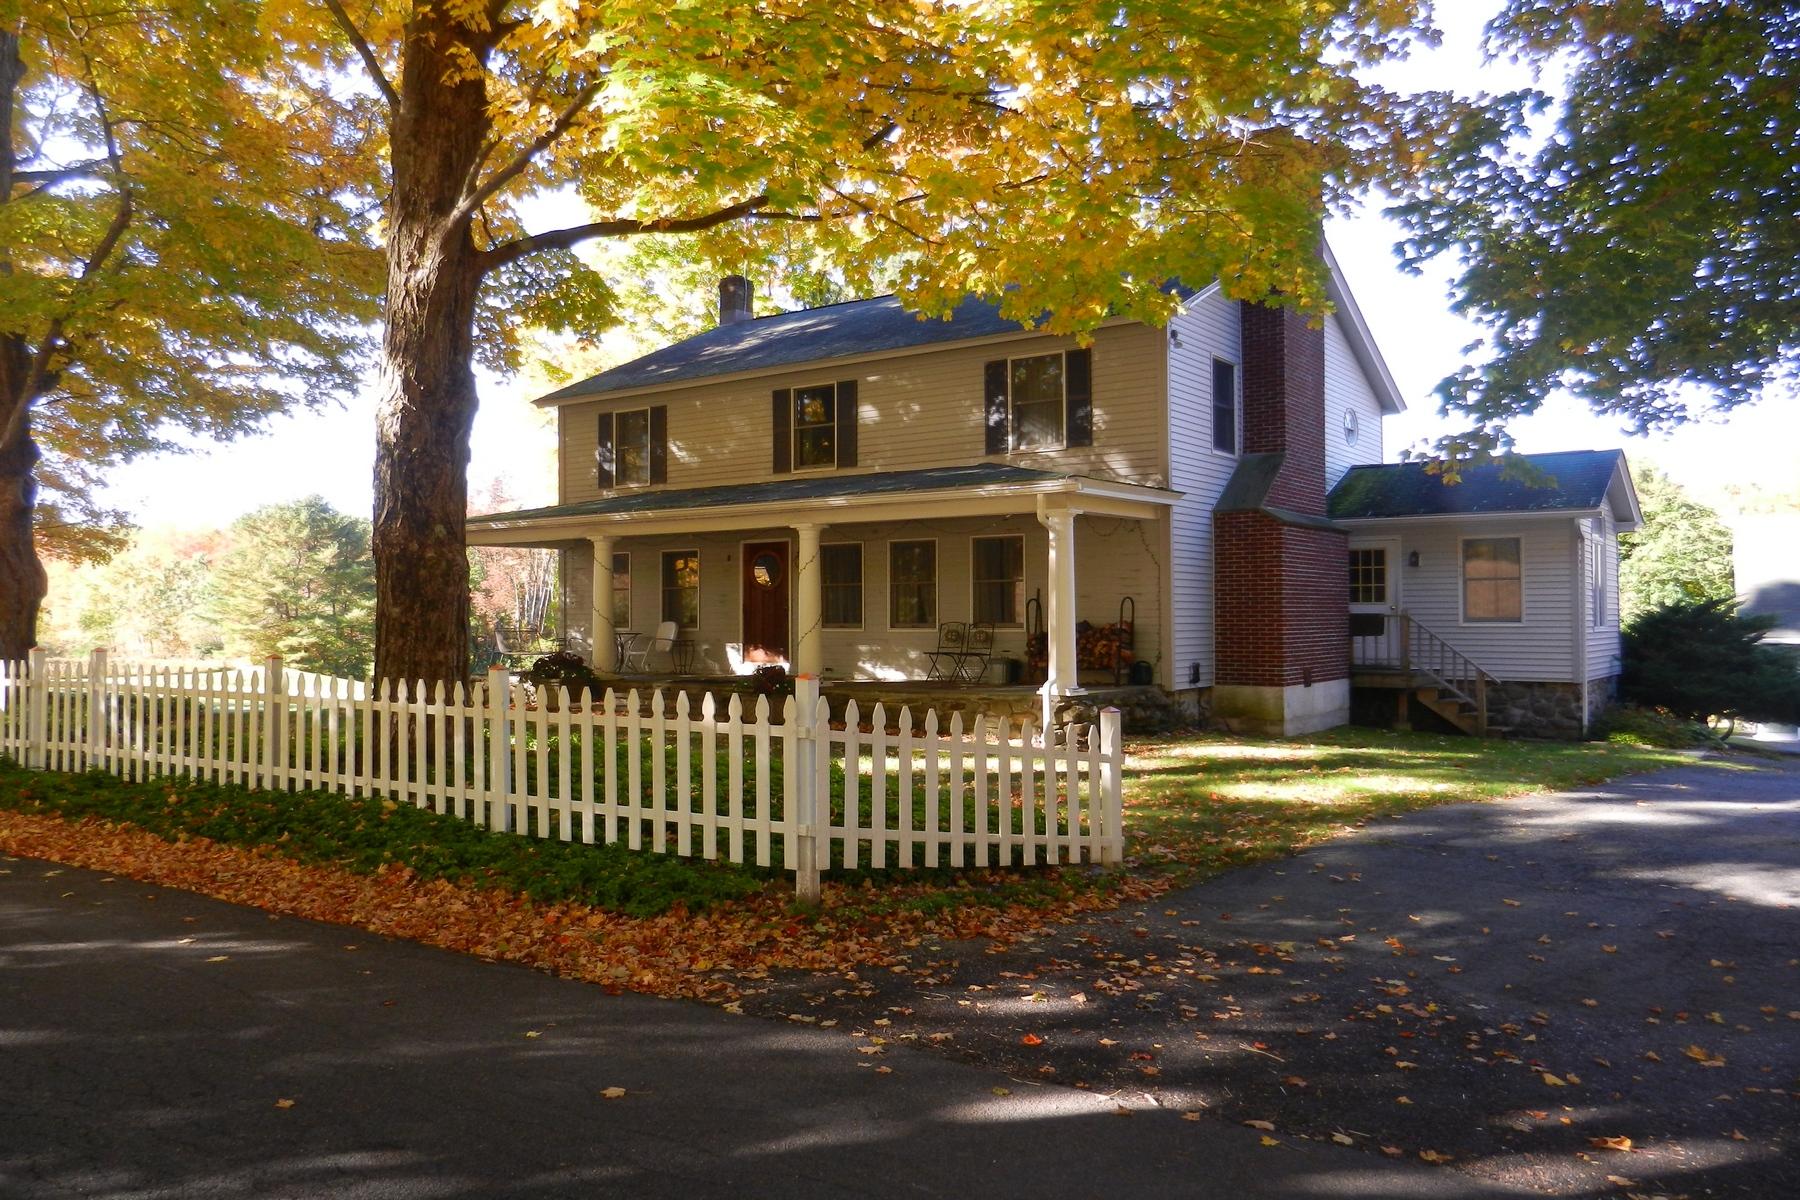 其它住宅 为 销售 在 Columbia Berkshire Retreat 823 Canaan Rd 迦南, 纽约州, 12029 美国